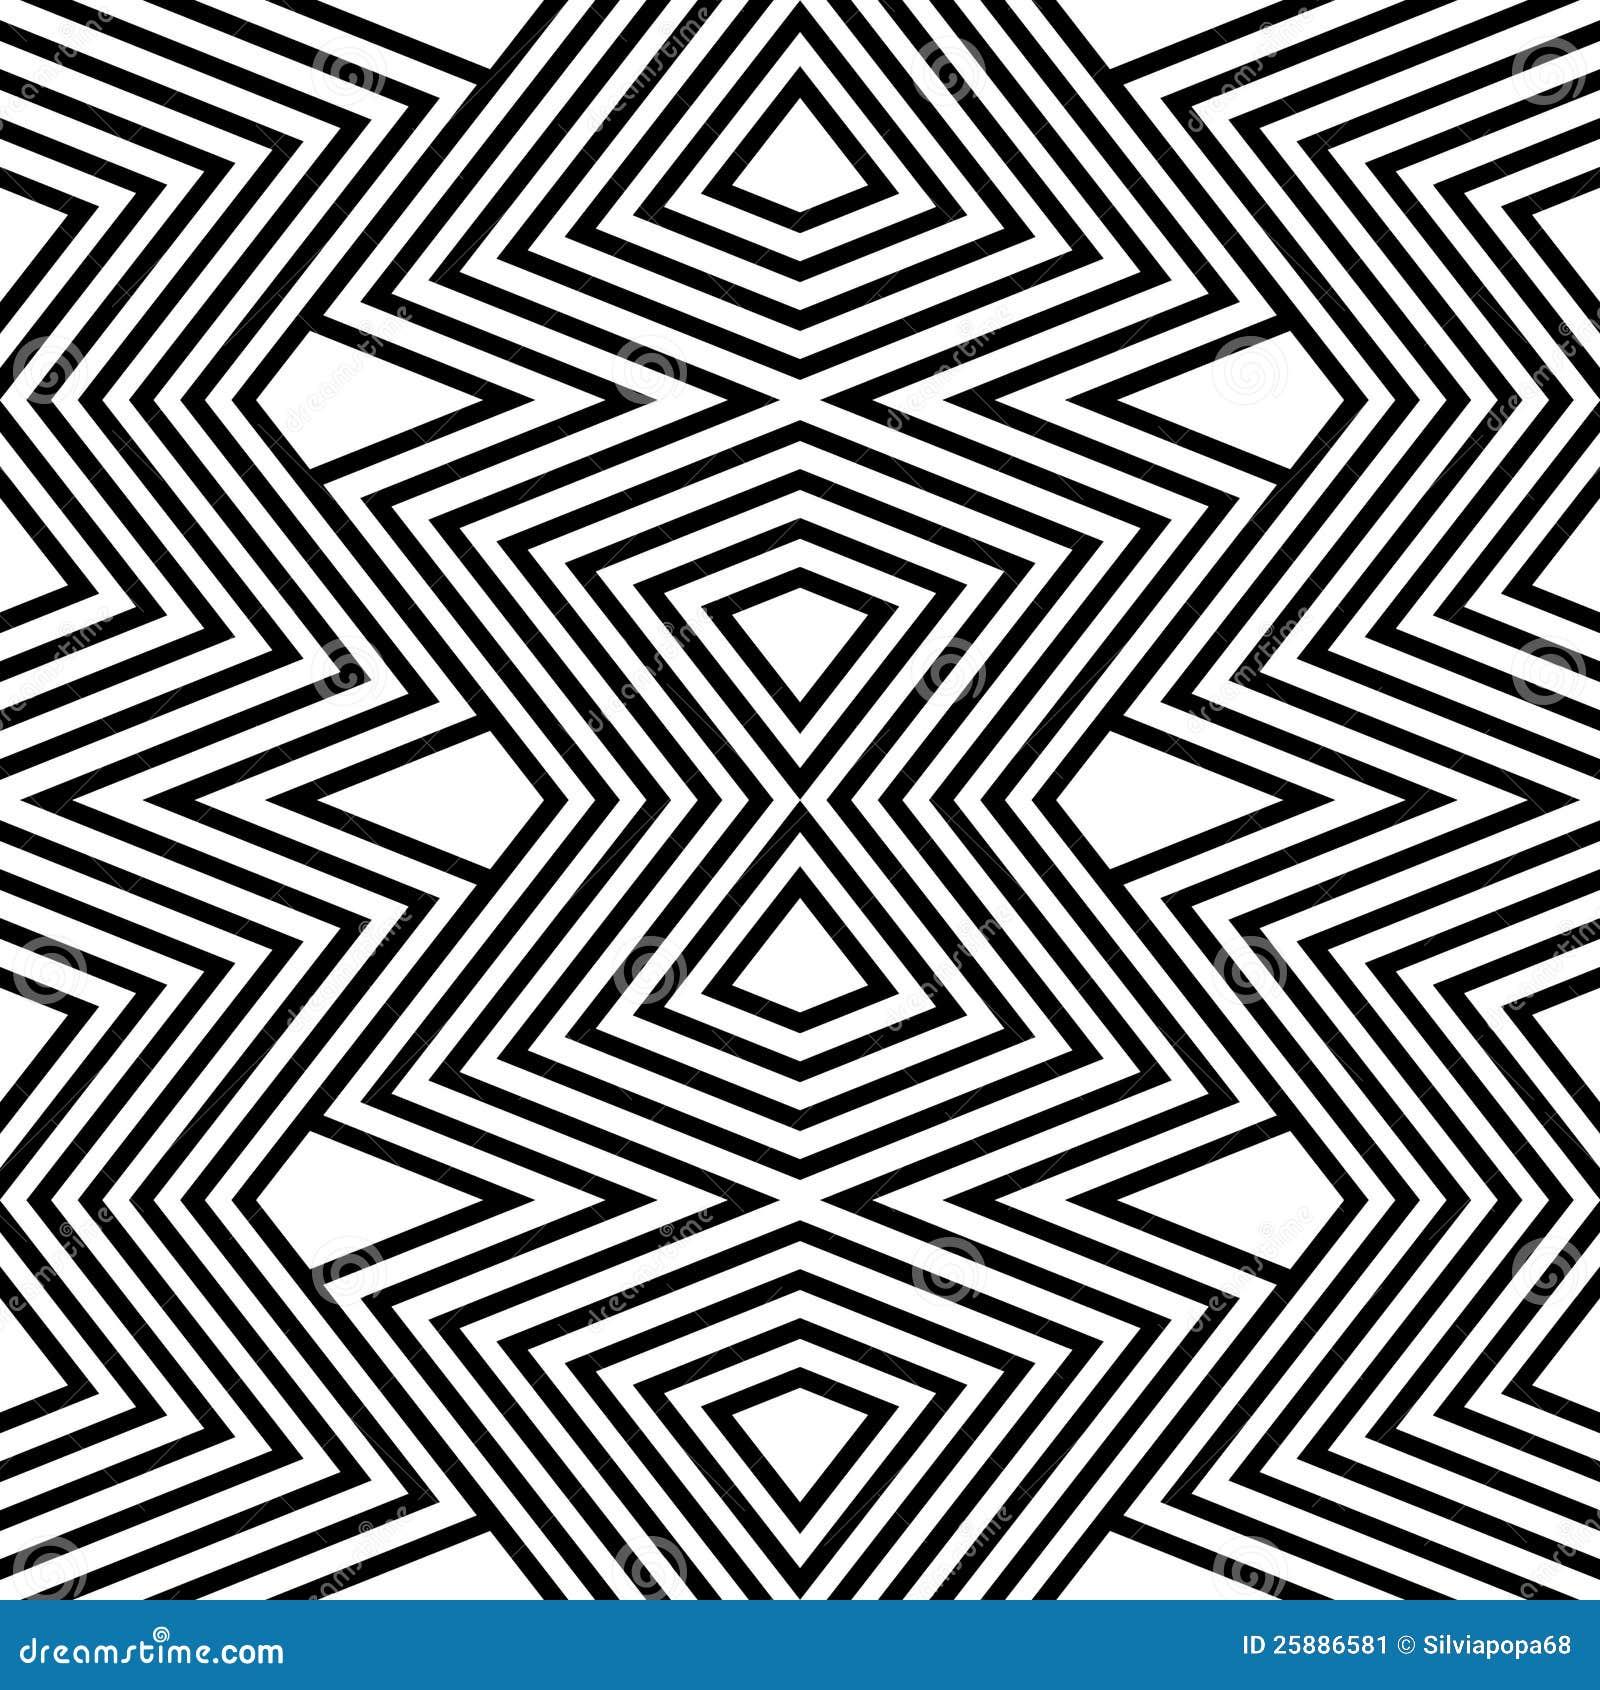 Zigzag Line Drawing : De zwart witte zigzag van het patroon stock illustratie